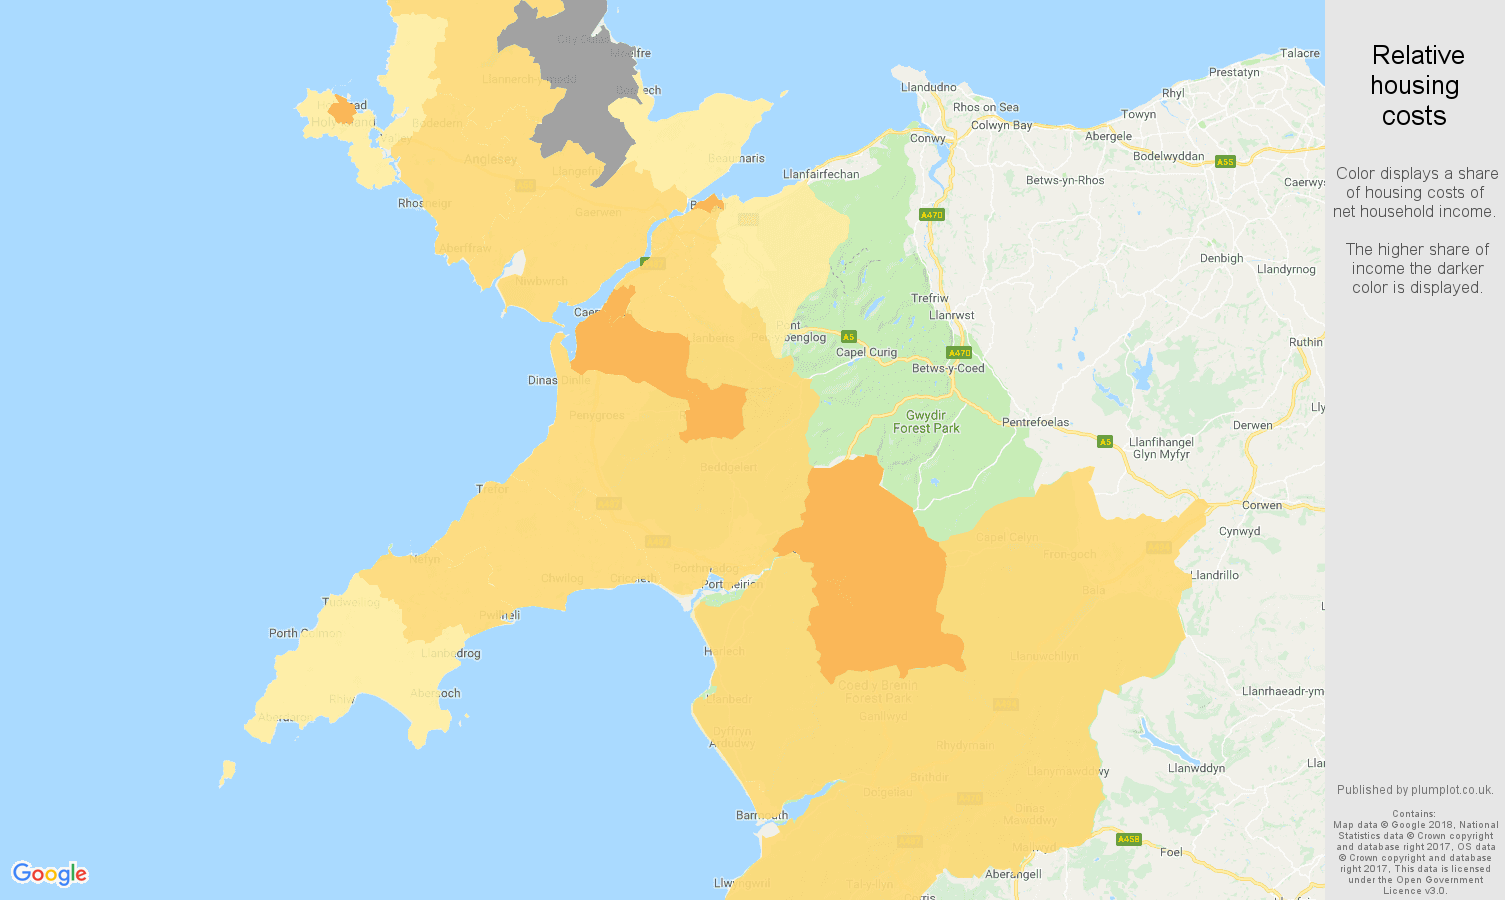 Gwynedd relative housing costs map